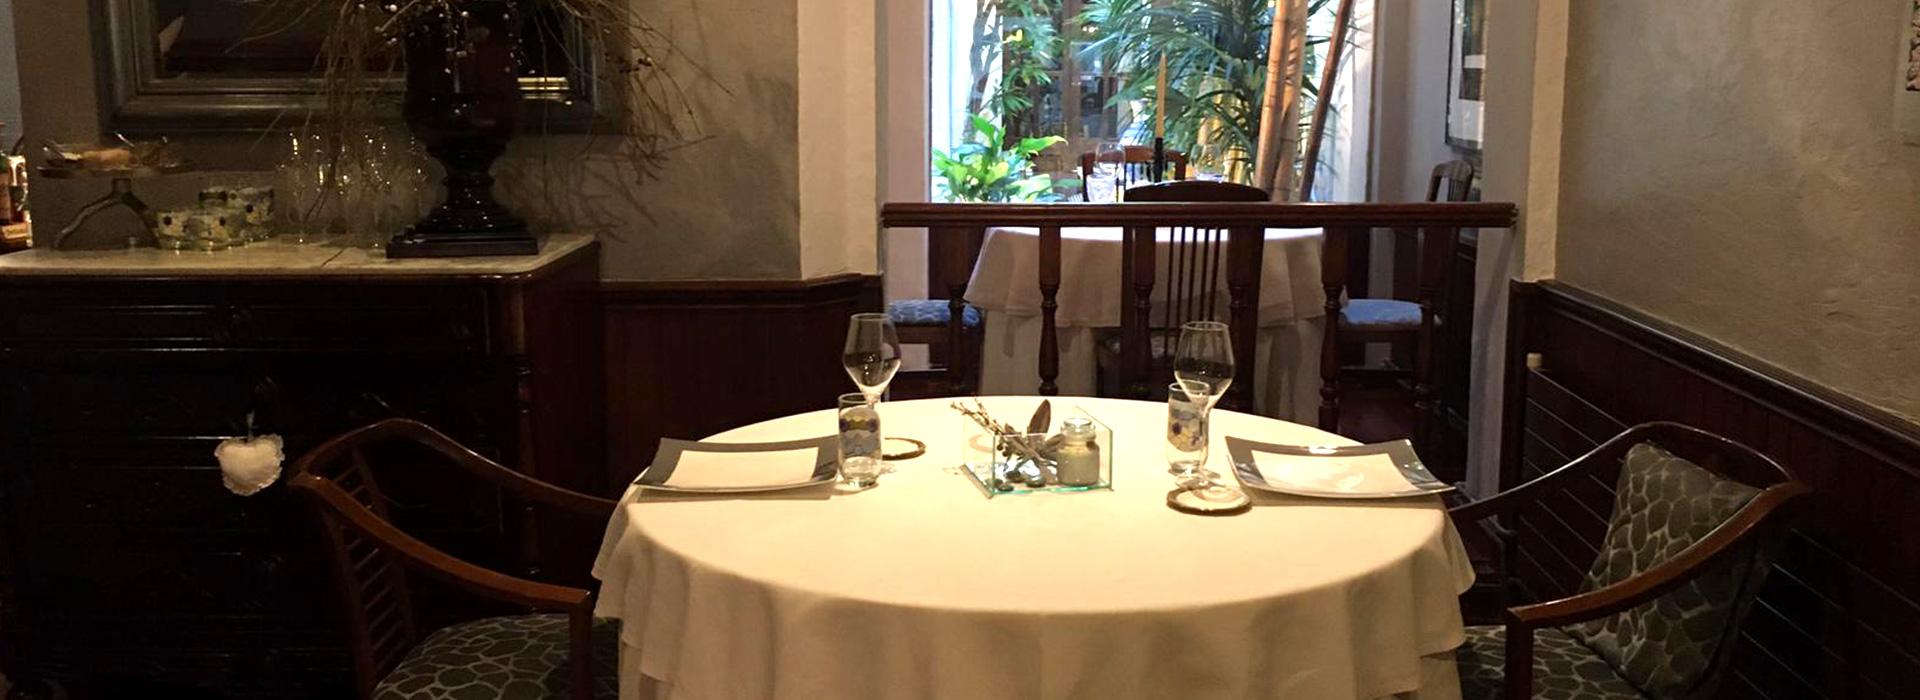 distancia-taules-covid19-el-nou-cents-restaurant2